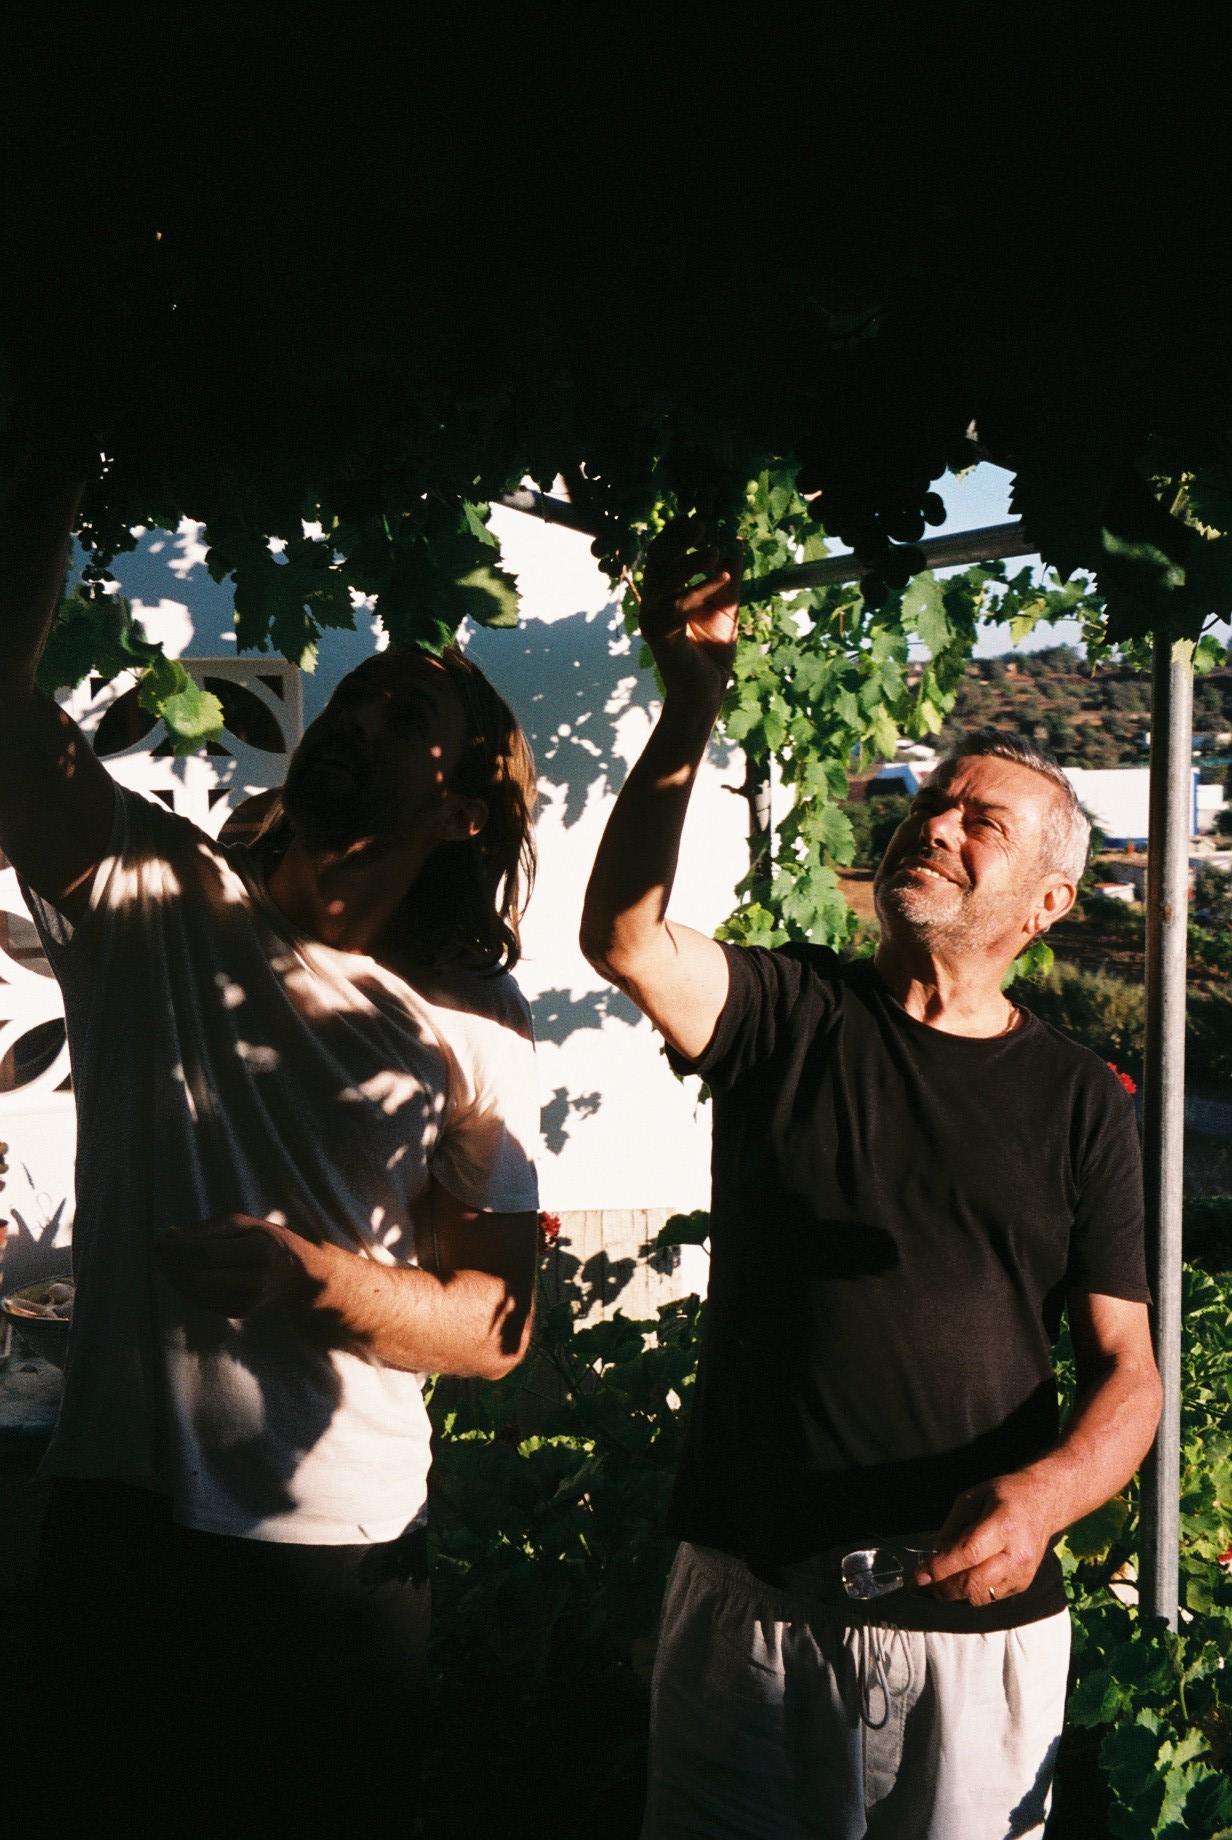 Martin appreciating my dad's grapes.  / O Martin a apreciar as uvas do meu pai.